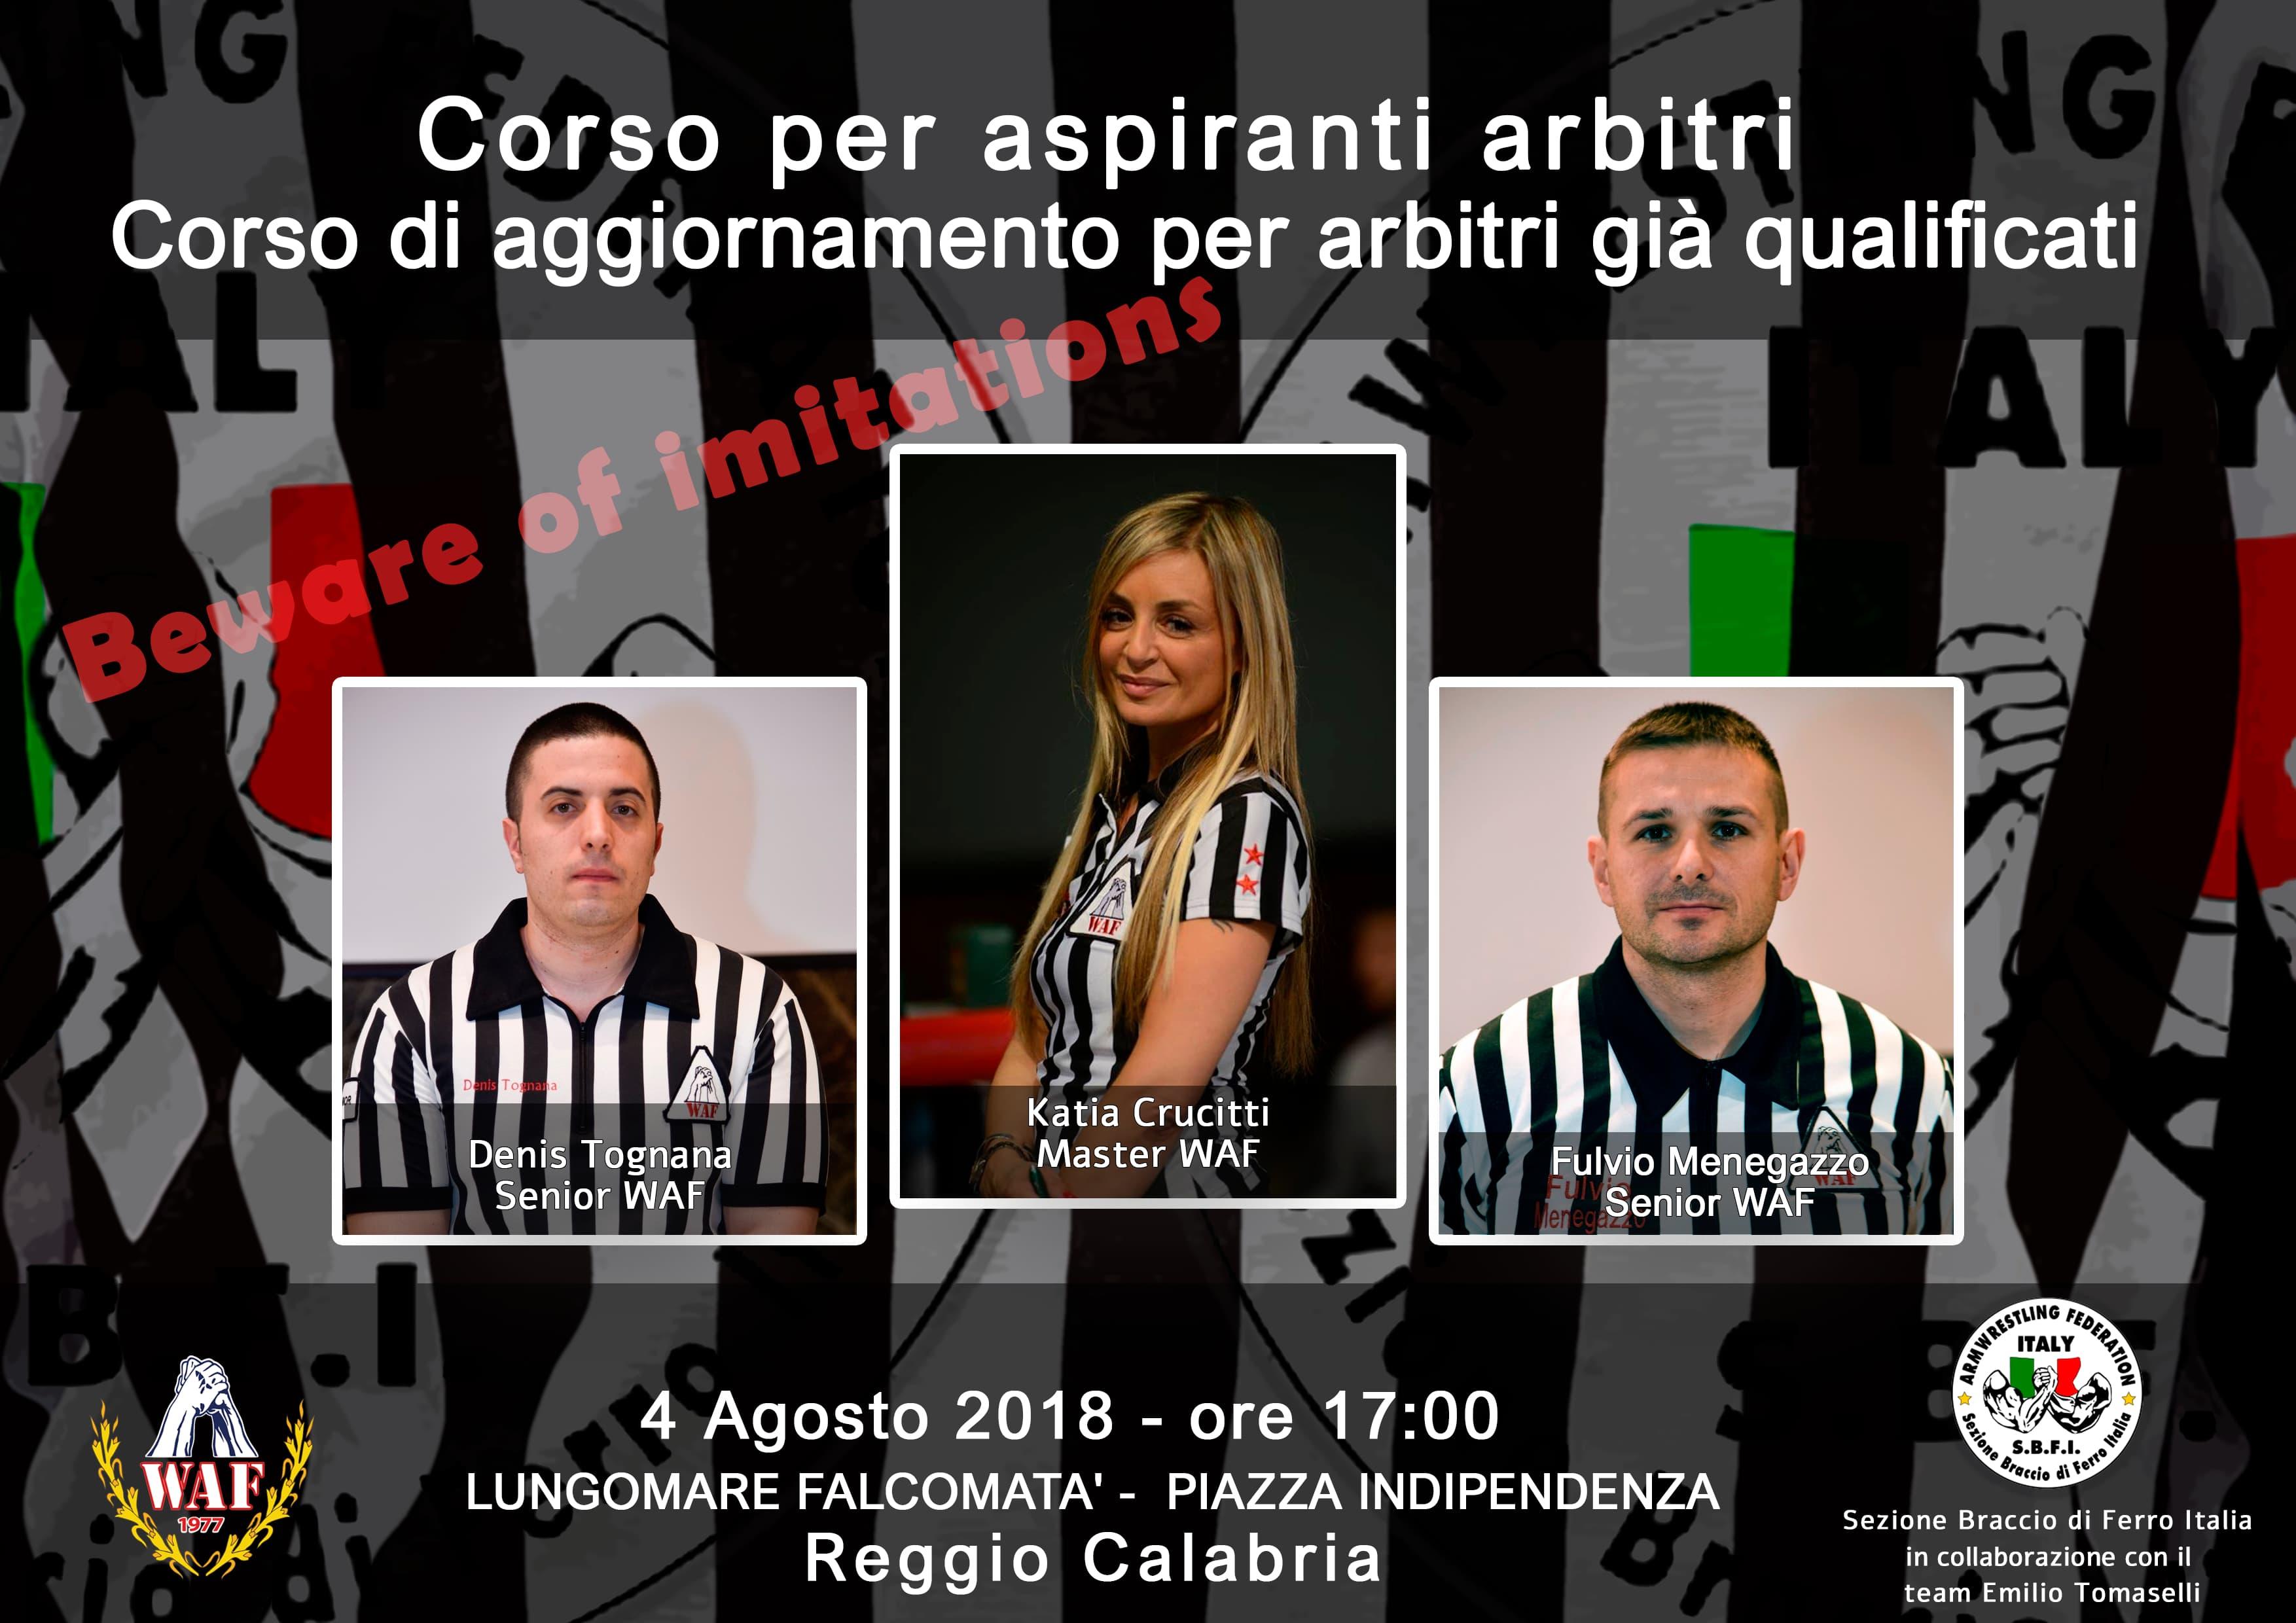 Reggio Calabria, 4 Agosto 2018 – Corso Arbitri